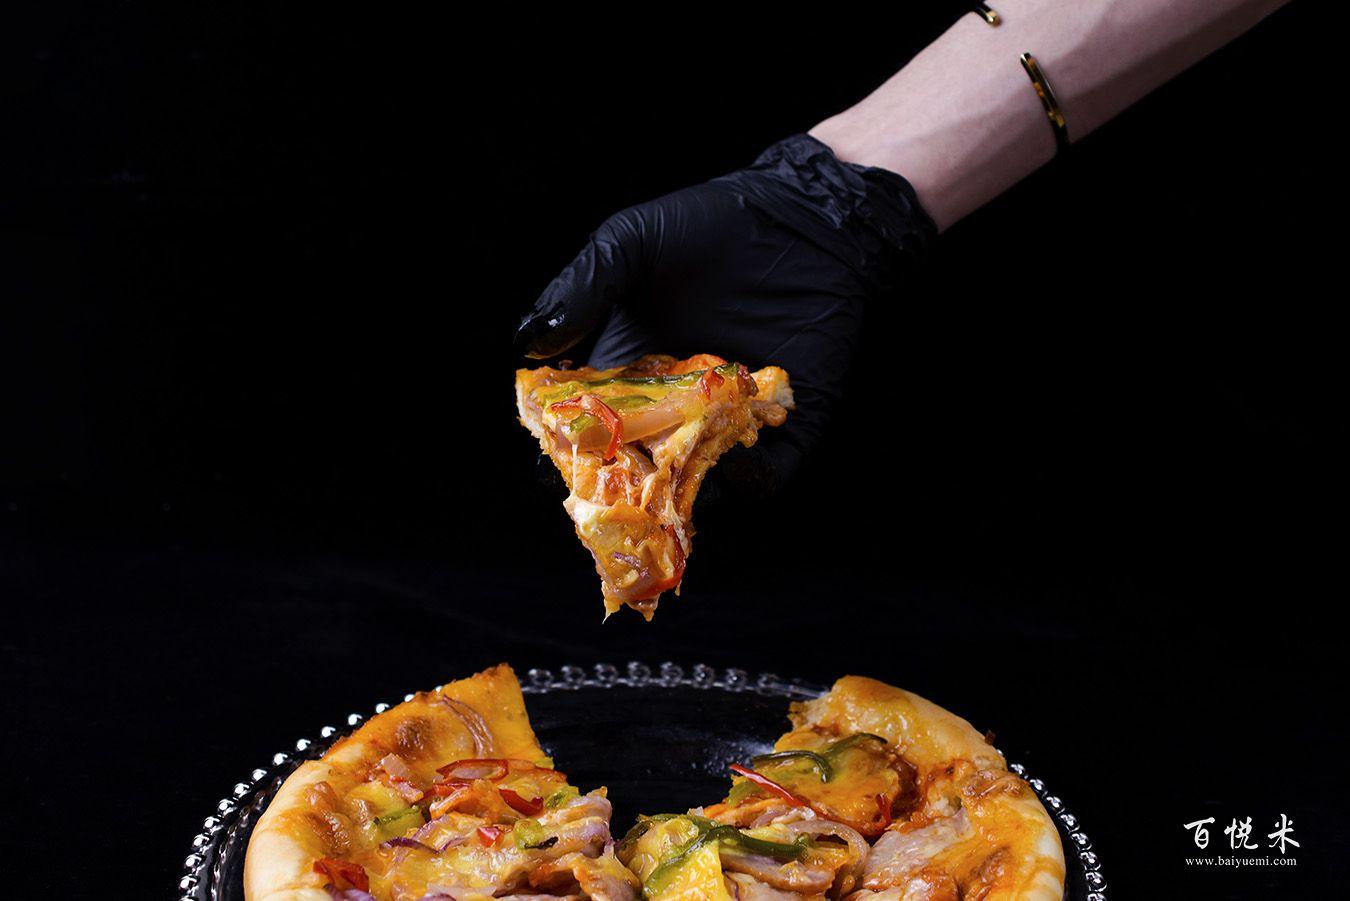 培根至尊披萨高清图片大全【蛋糕图片】_1181